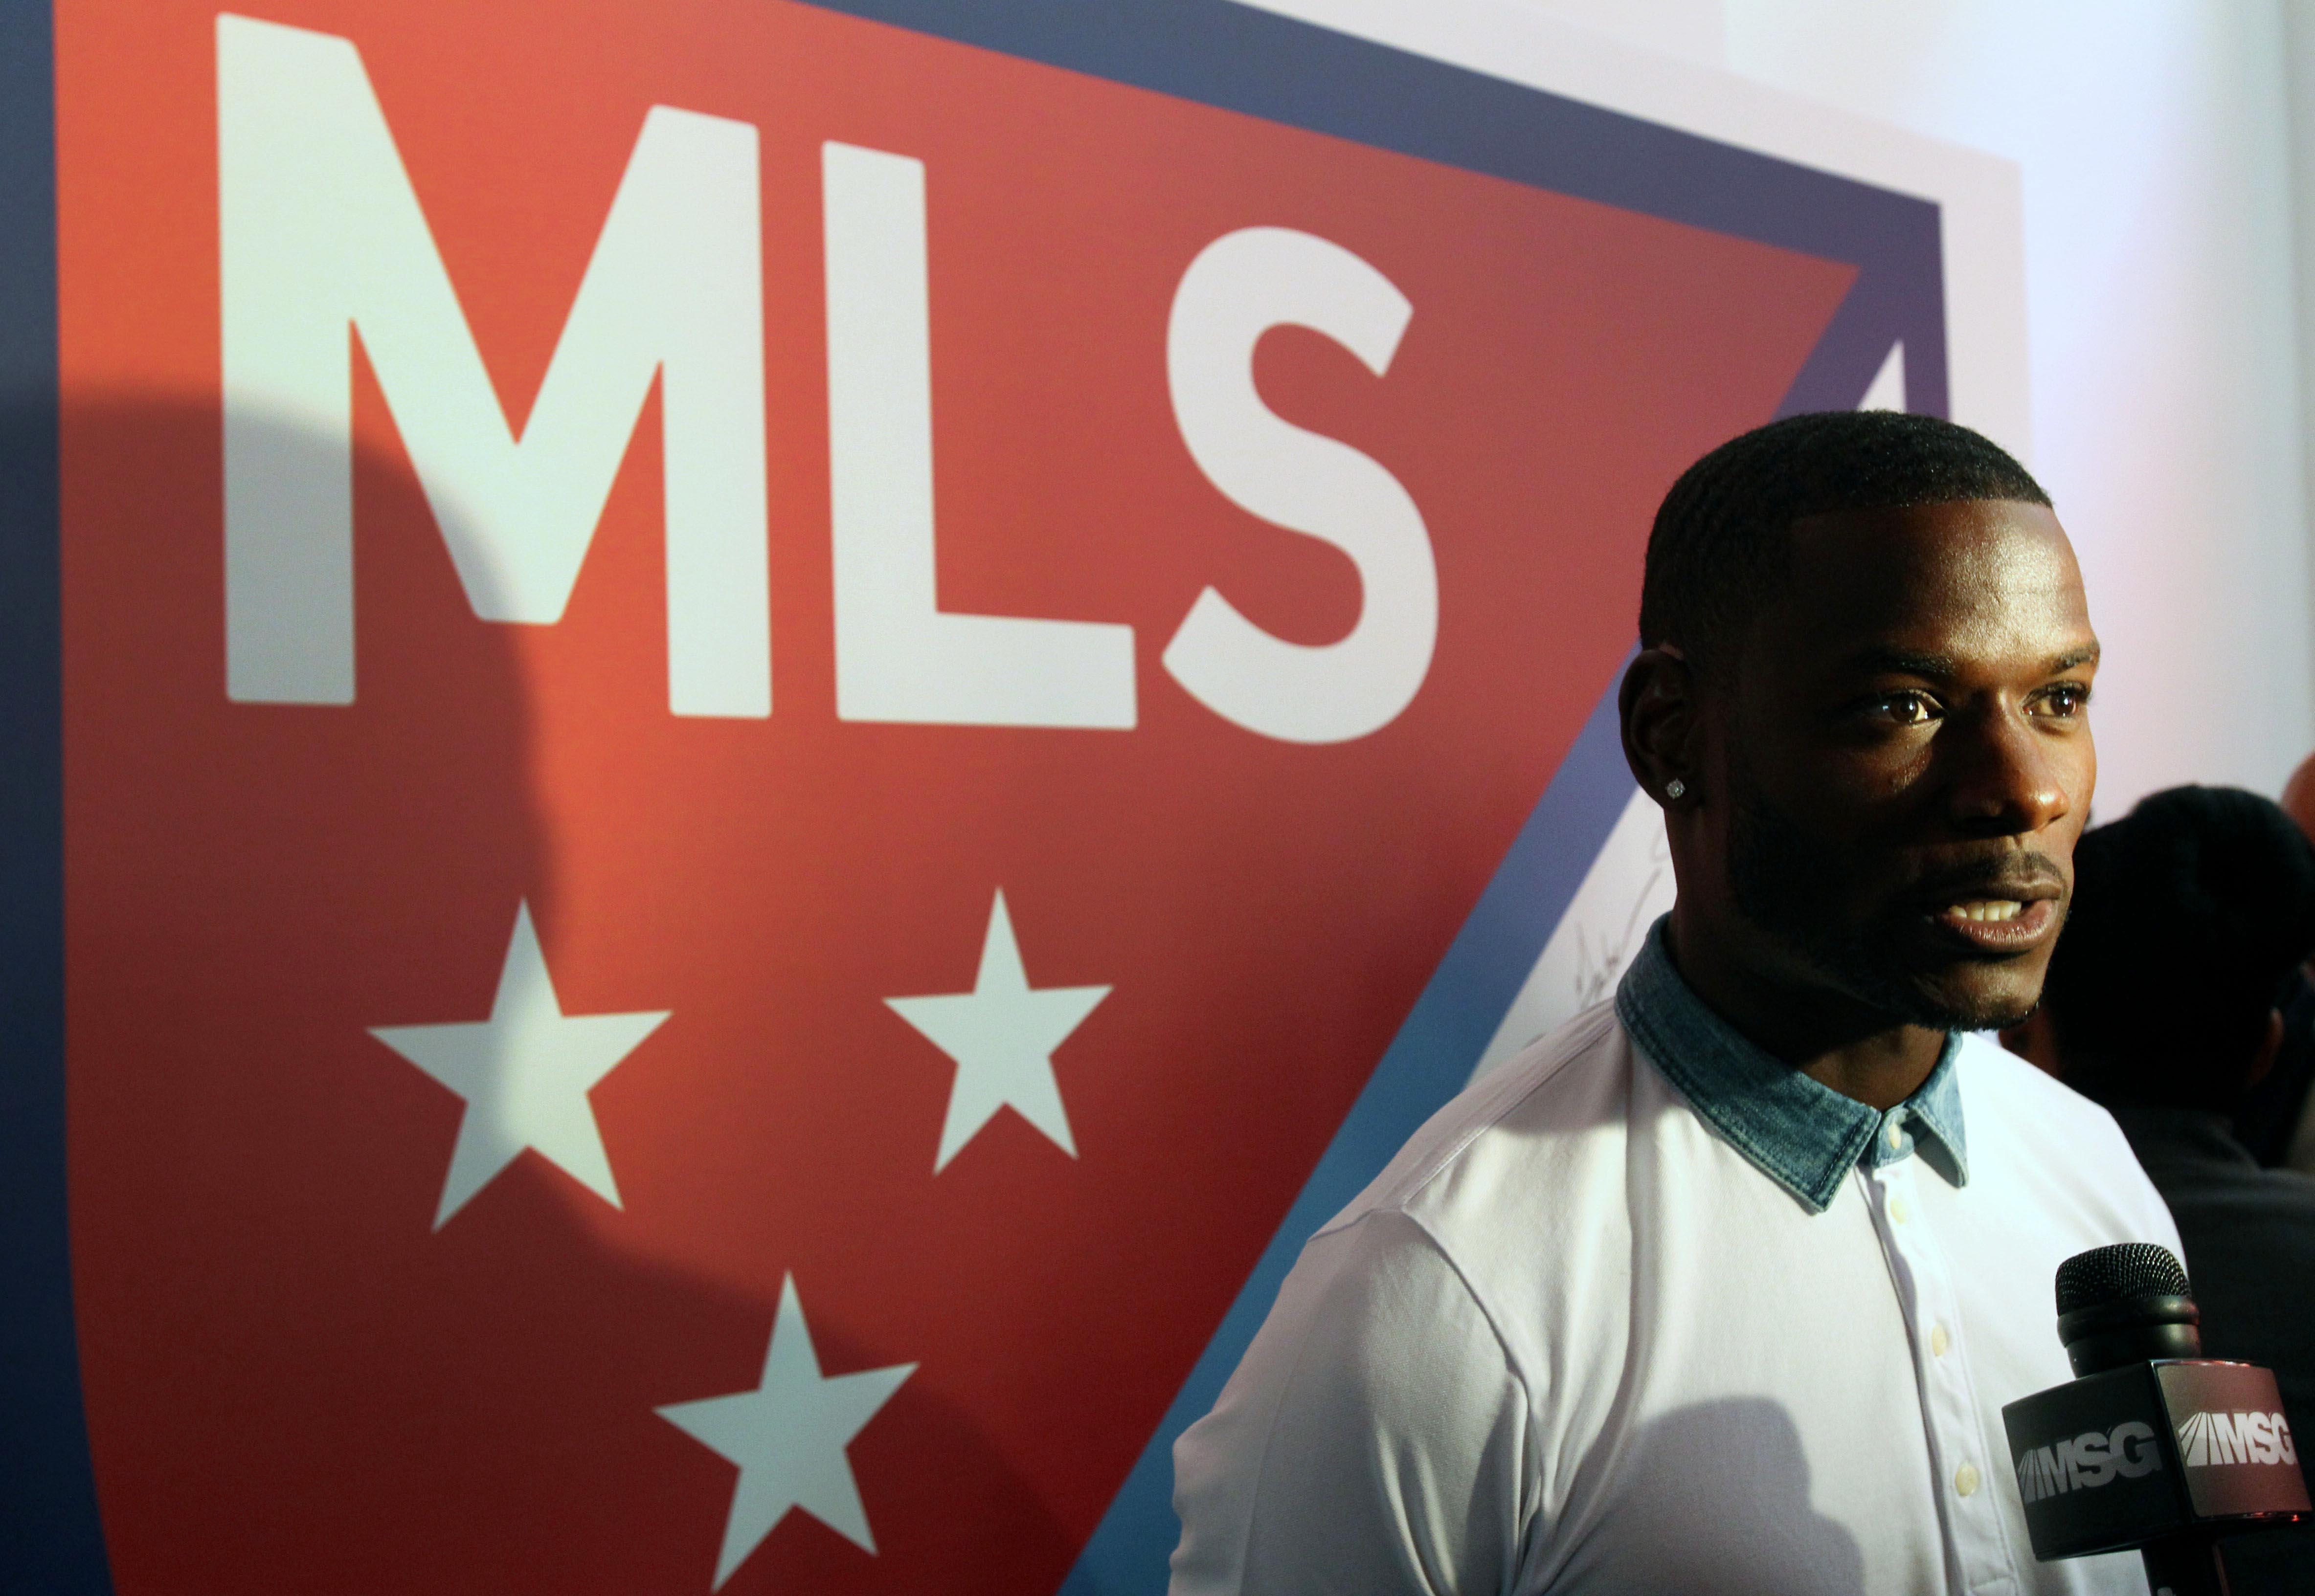 MLS: MLS Next Event